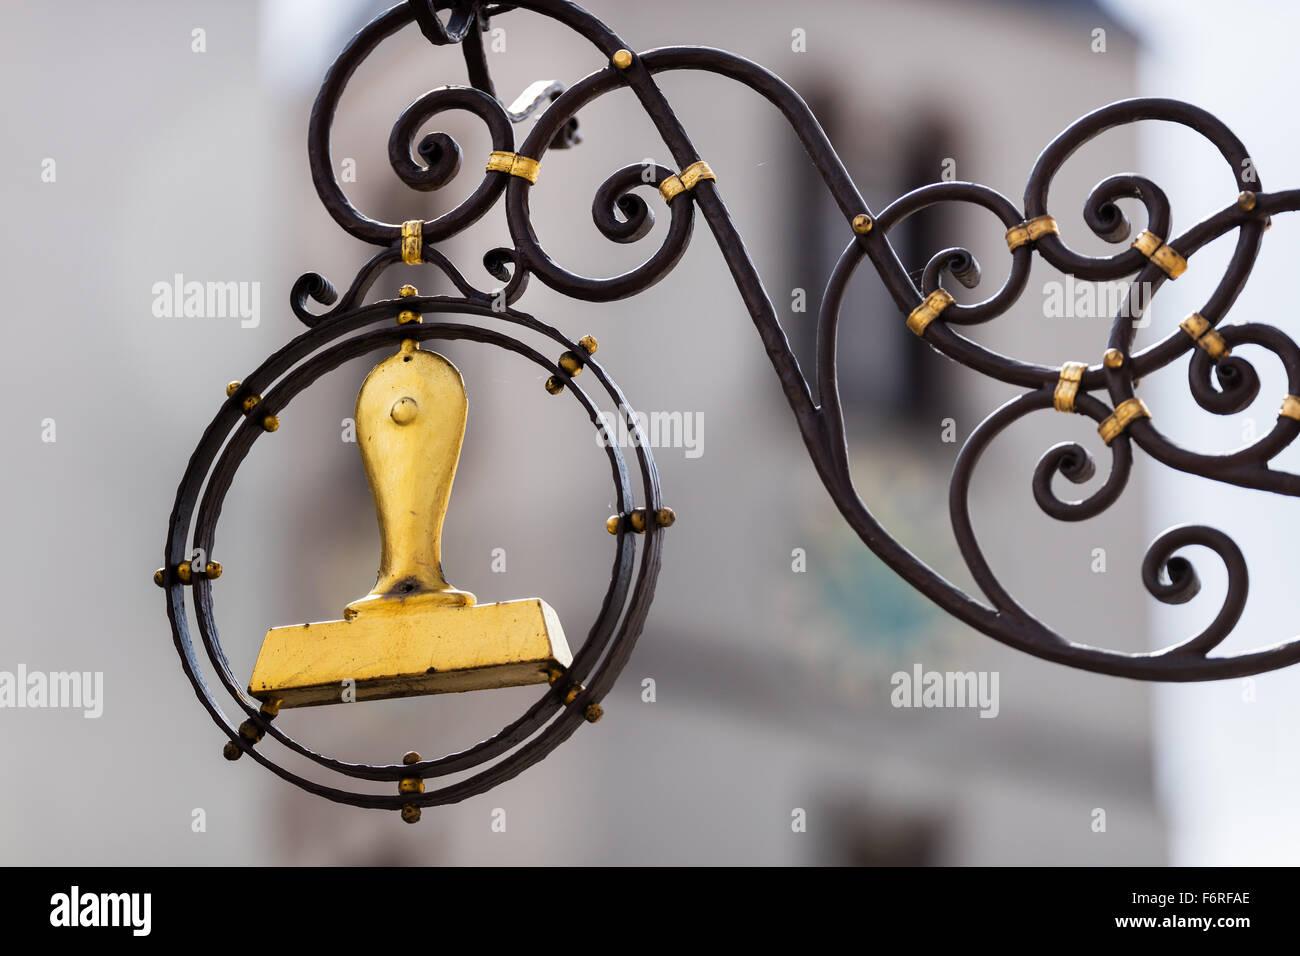 STAMPS, stamp, punchtech seal chop, pistilbot, postmark stamper golden, gold, figurehead, stamp makers, traditional, - Stock Image